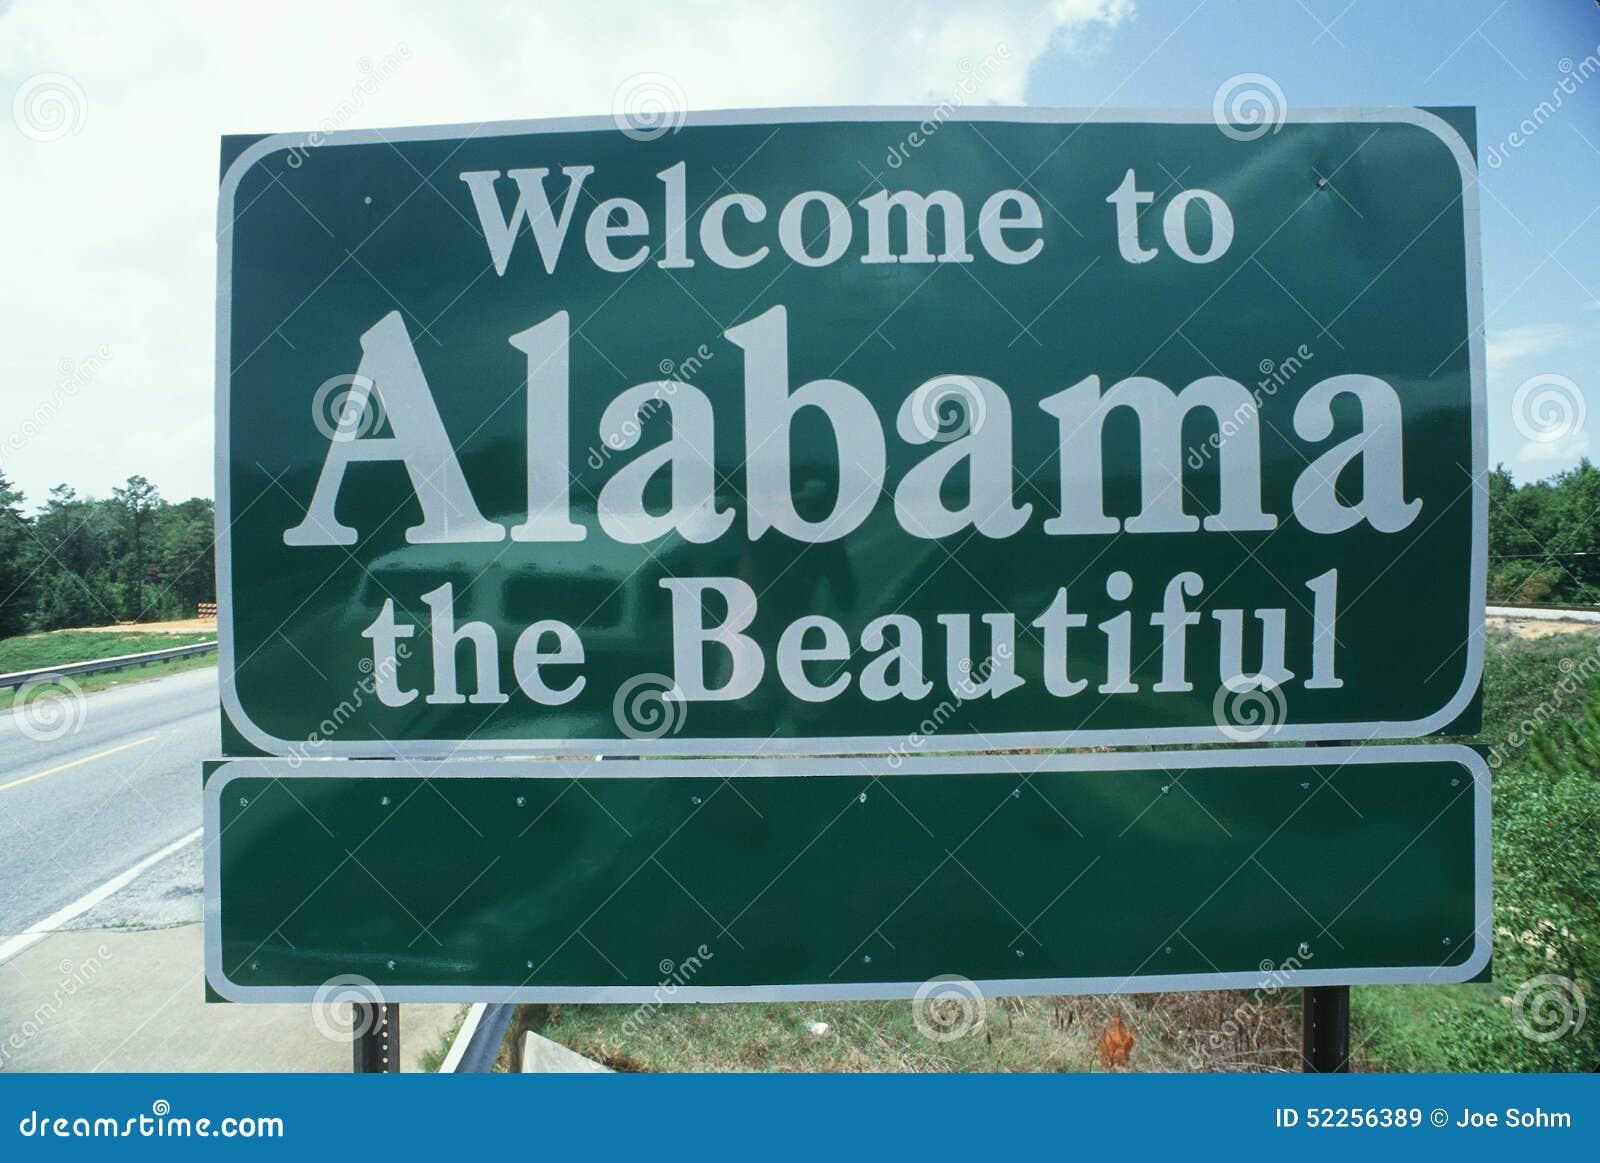 Υποδοχή στο σημάδι της Αλαμπάμα